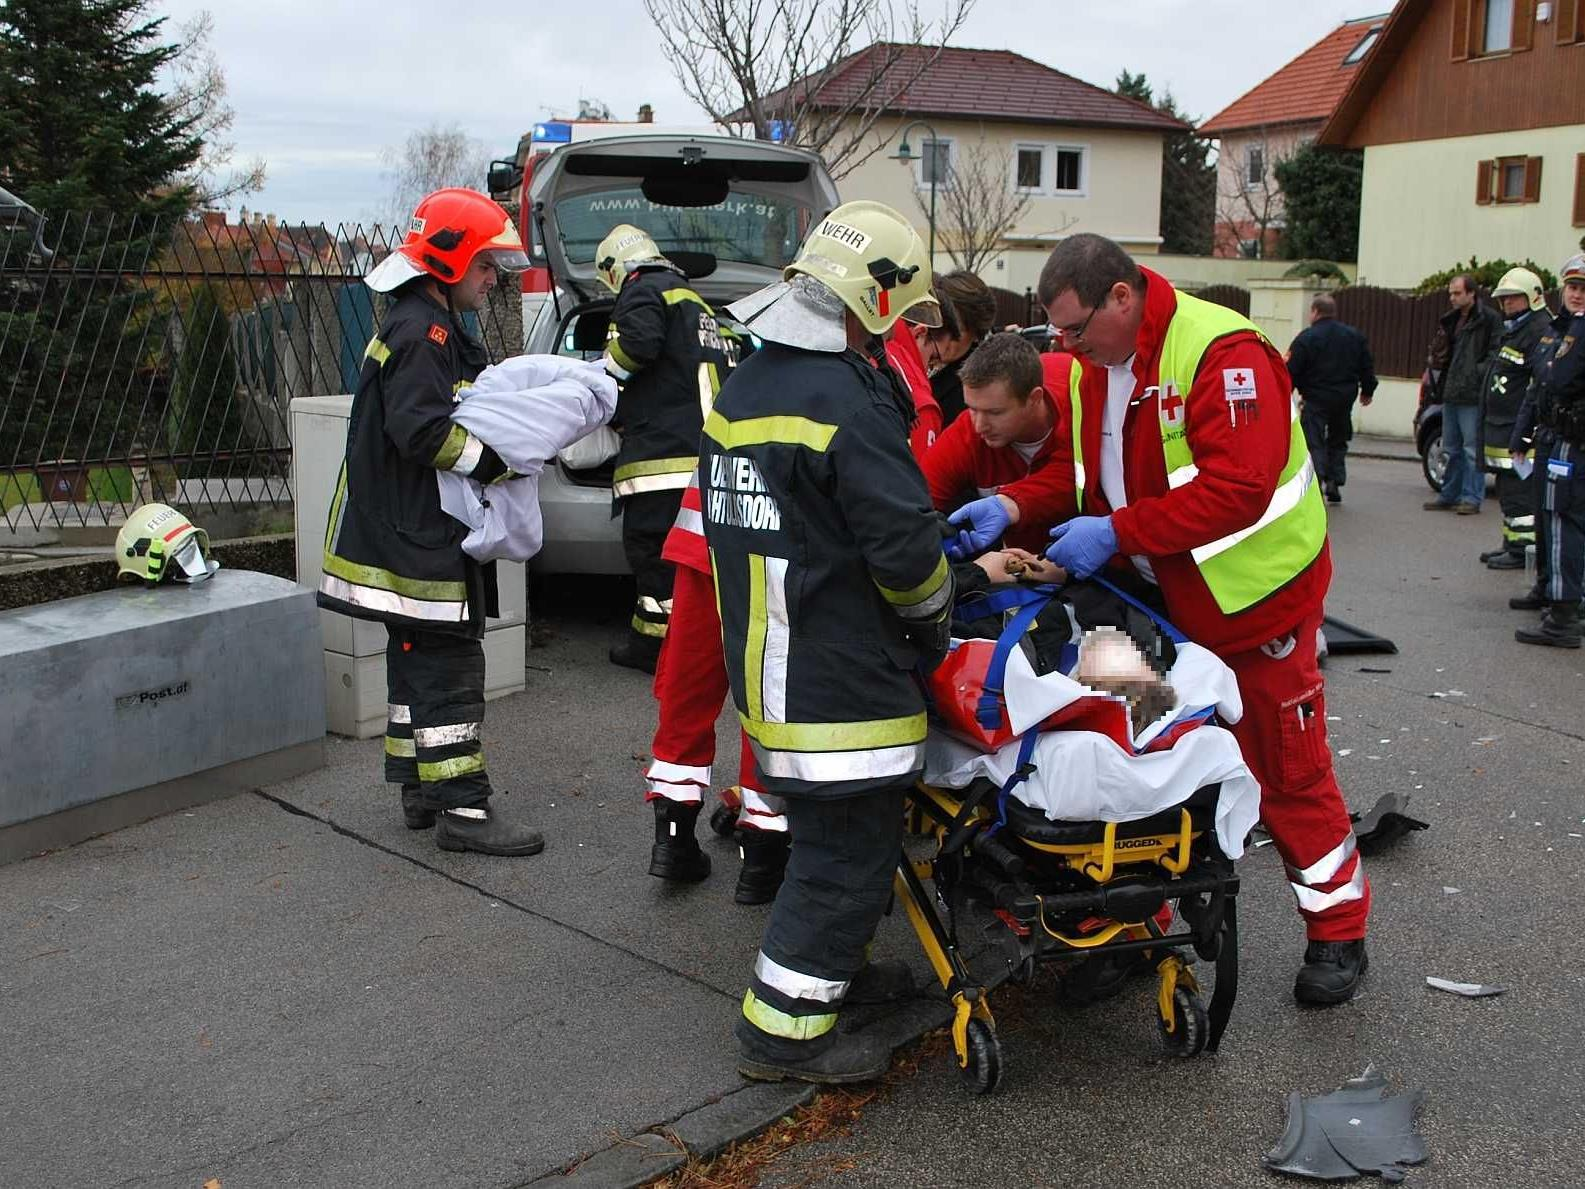 Die Versorgung der Verletzten erfolgte durch die zentrale Lage sehr rasch.